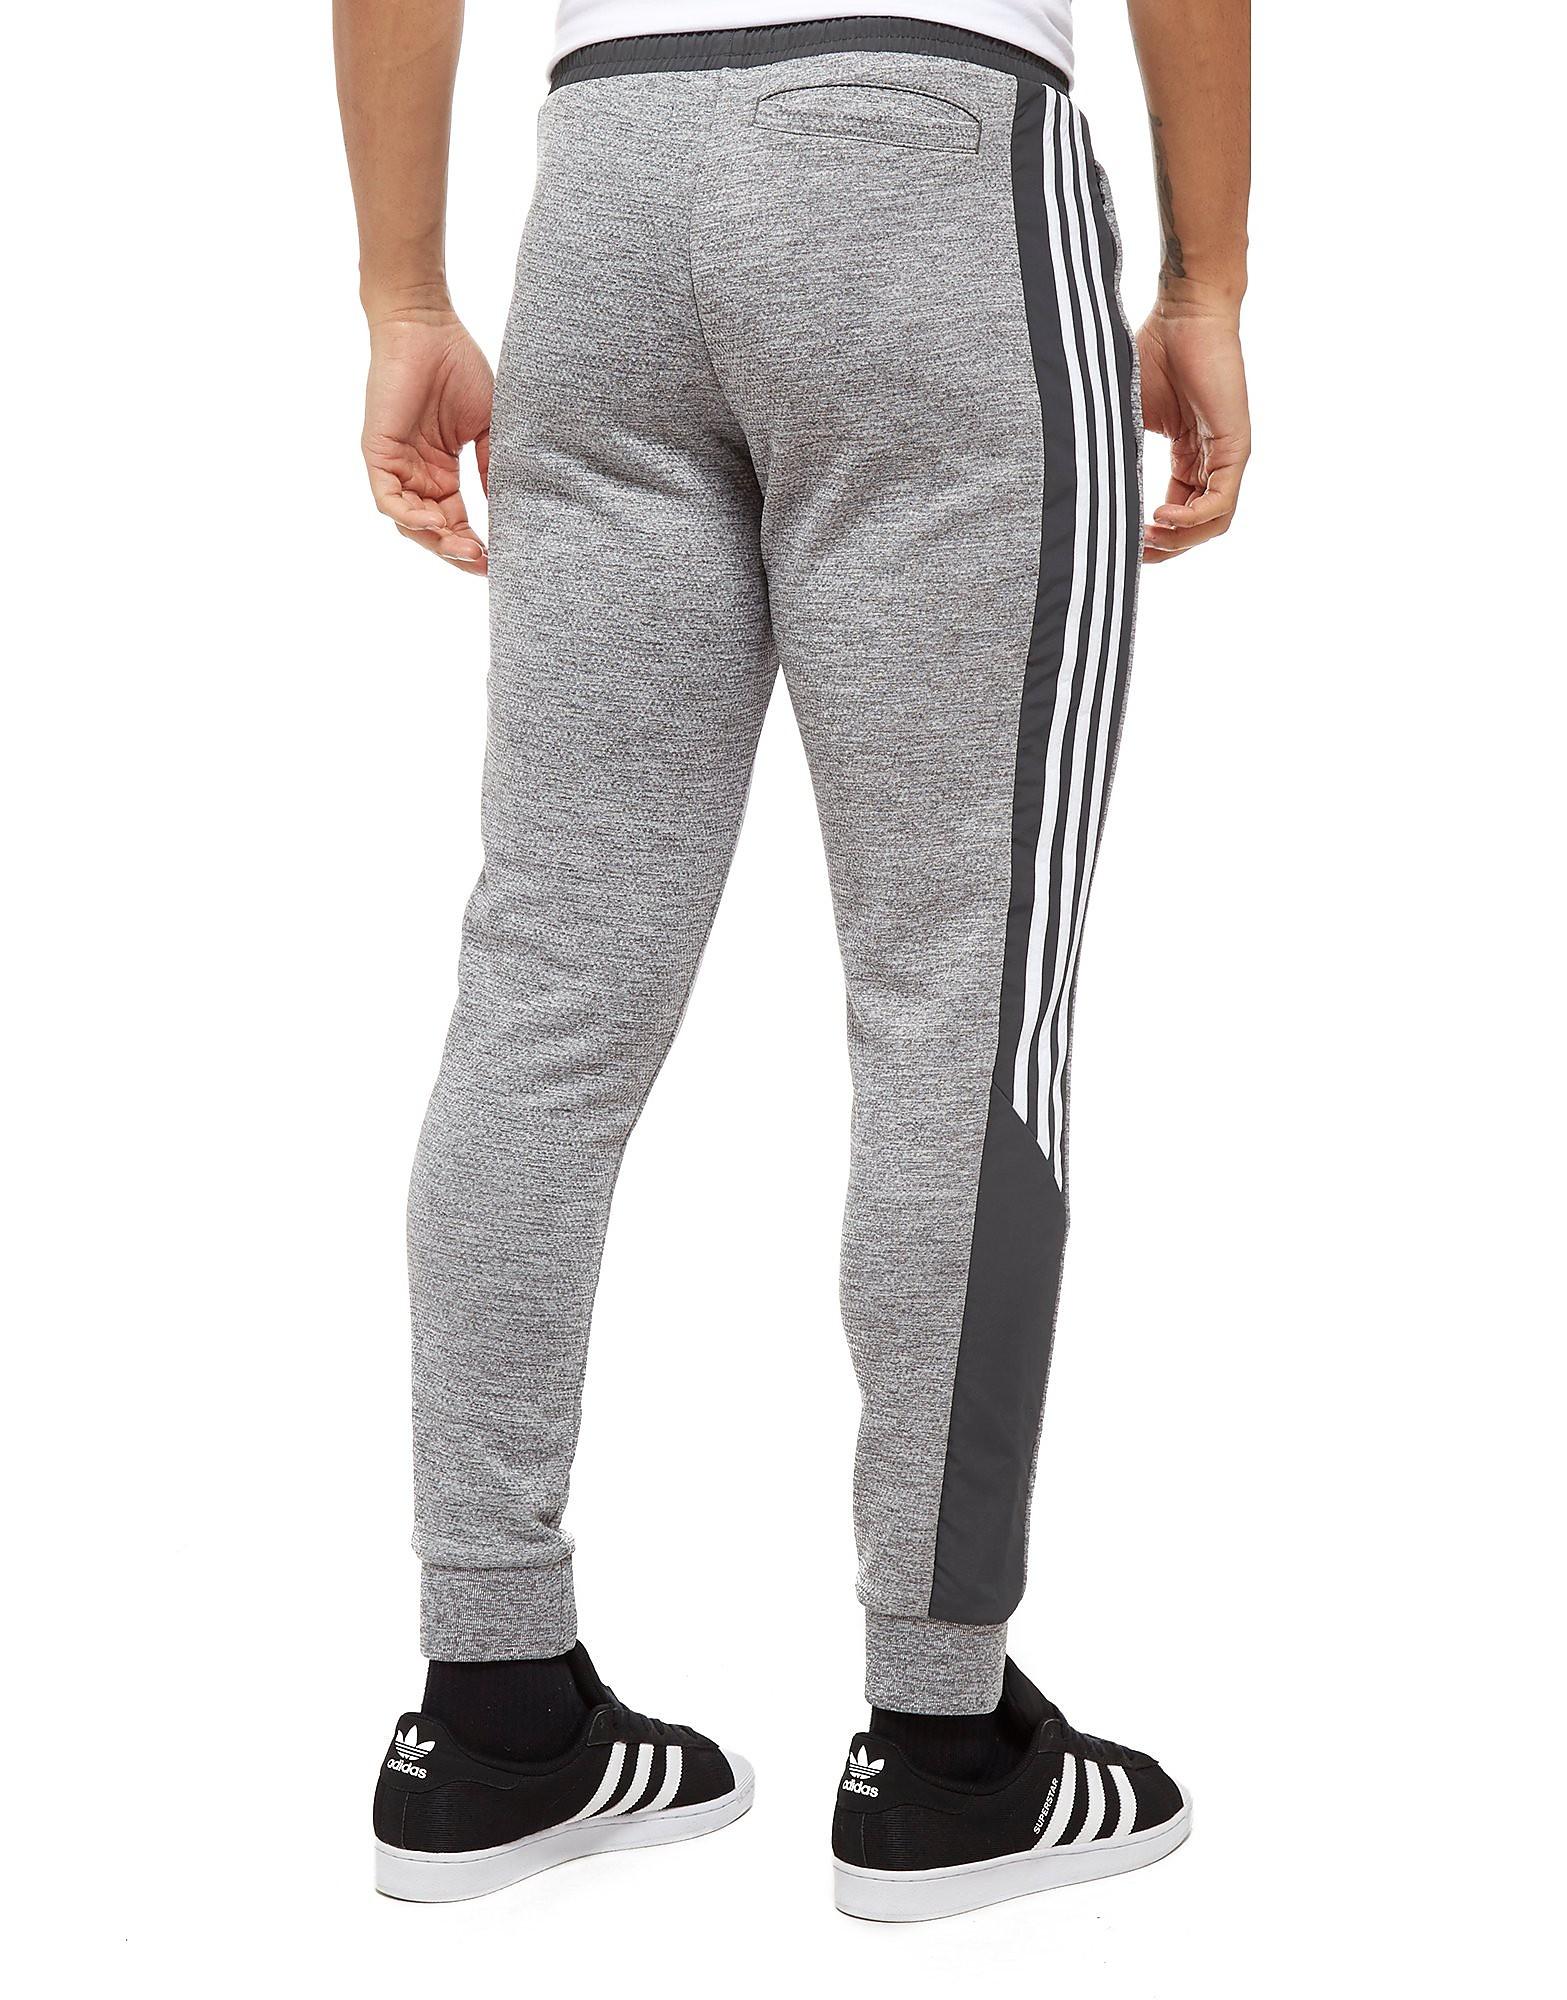 adidas Originals Nova Woven Pants